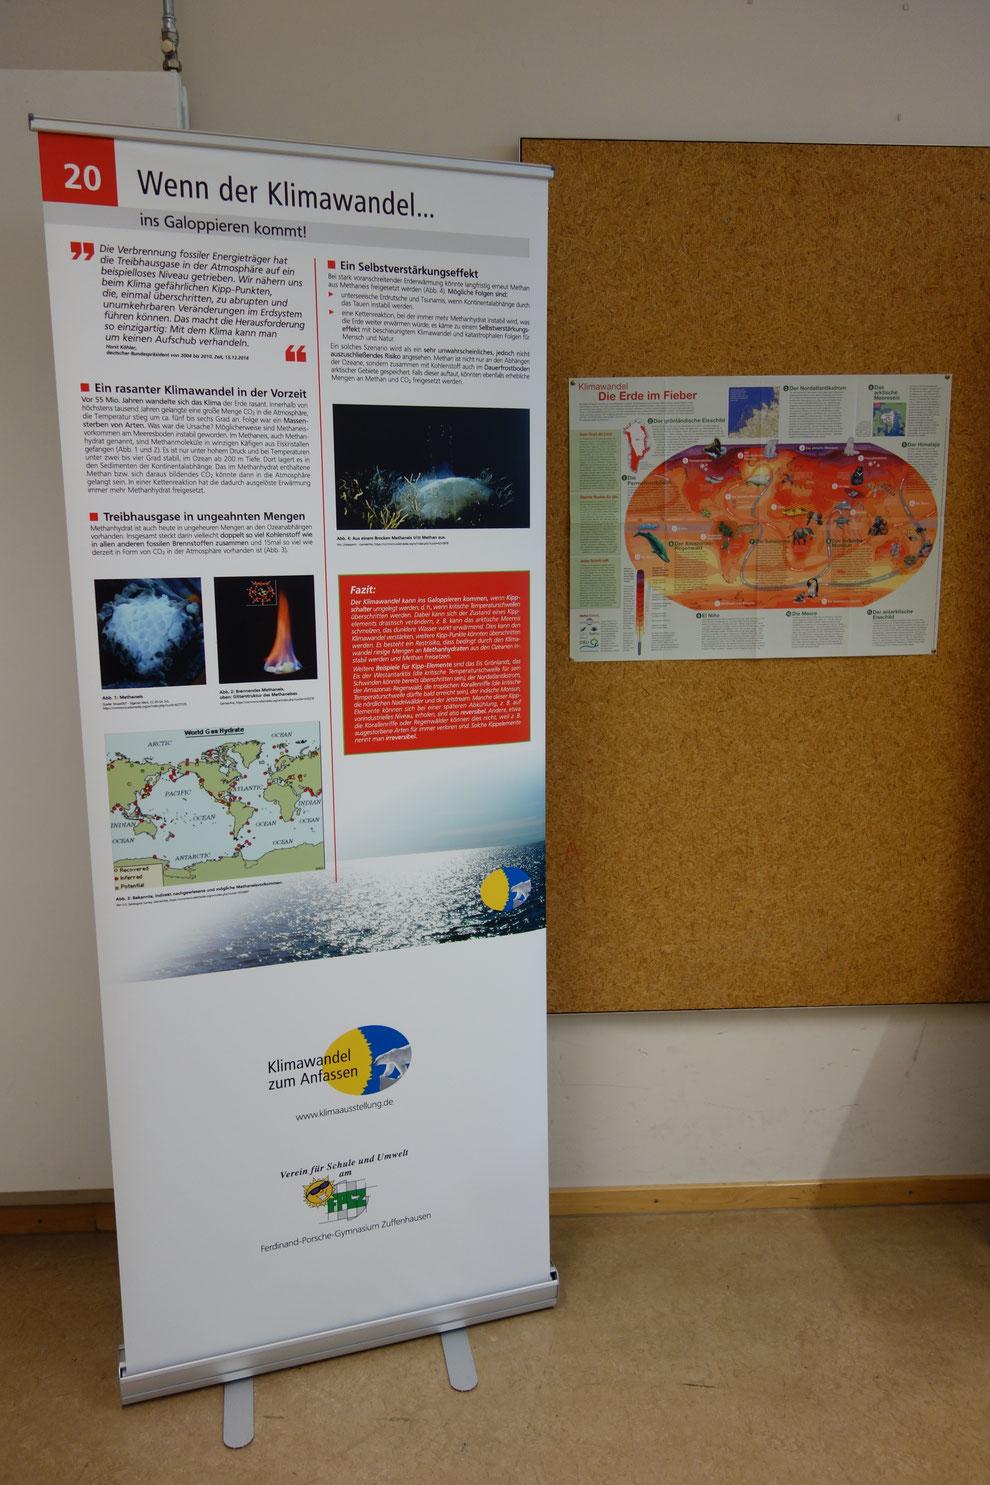 Das Plakat rechts zeigt einzelne Kippelemente, die durch den Klimawandel kippen und diesen verschärfen können.